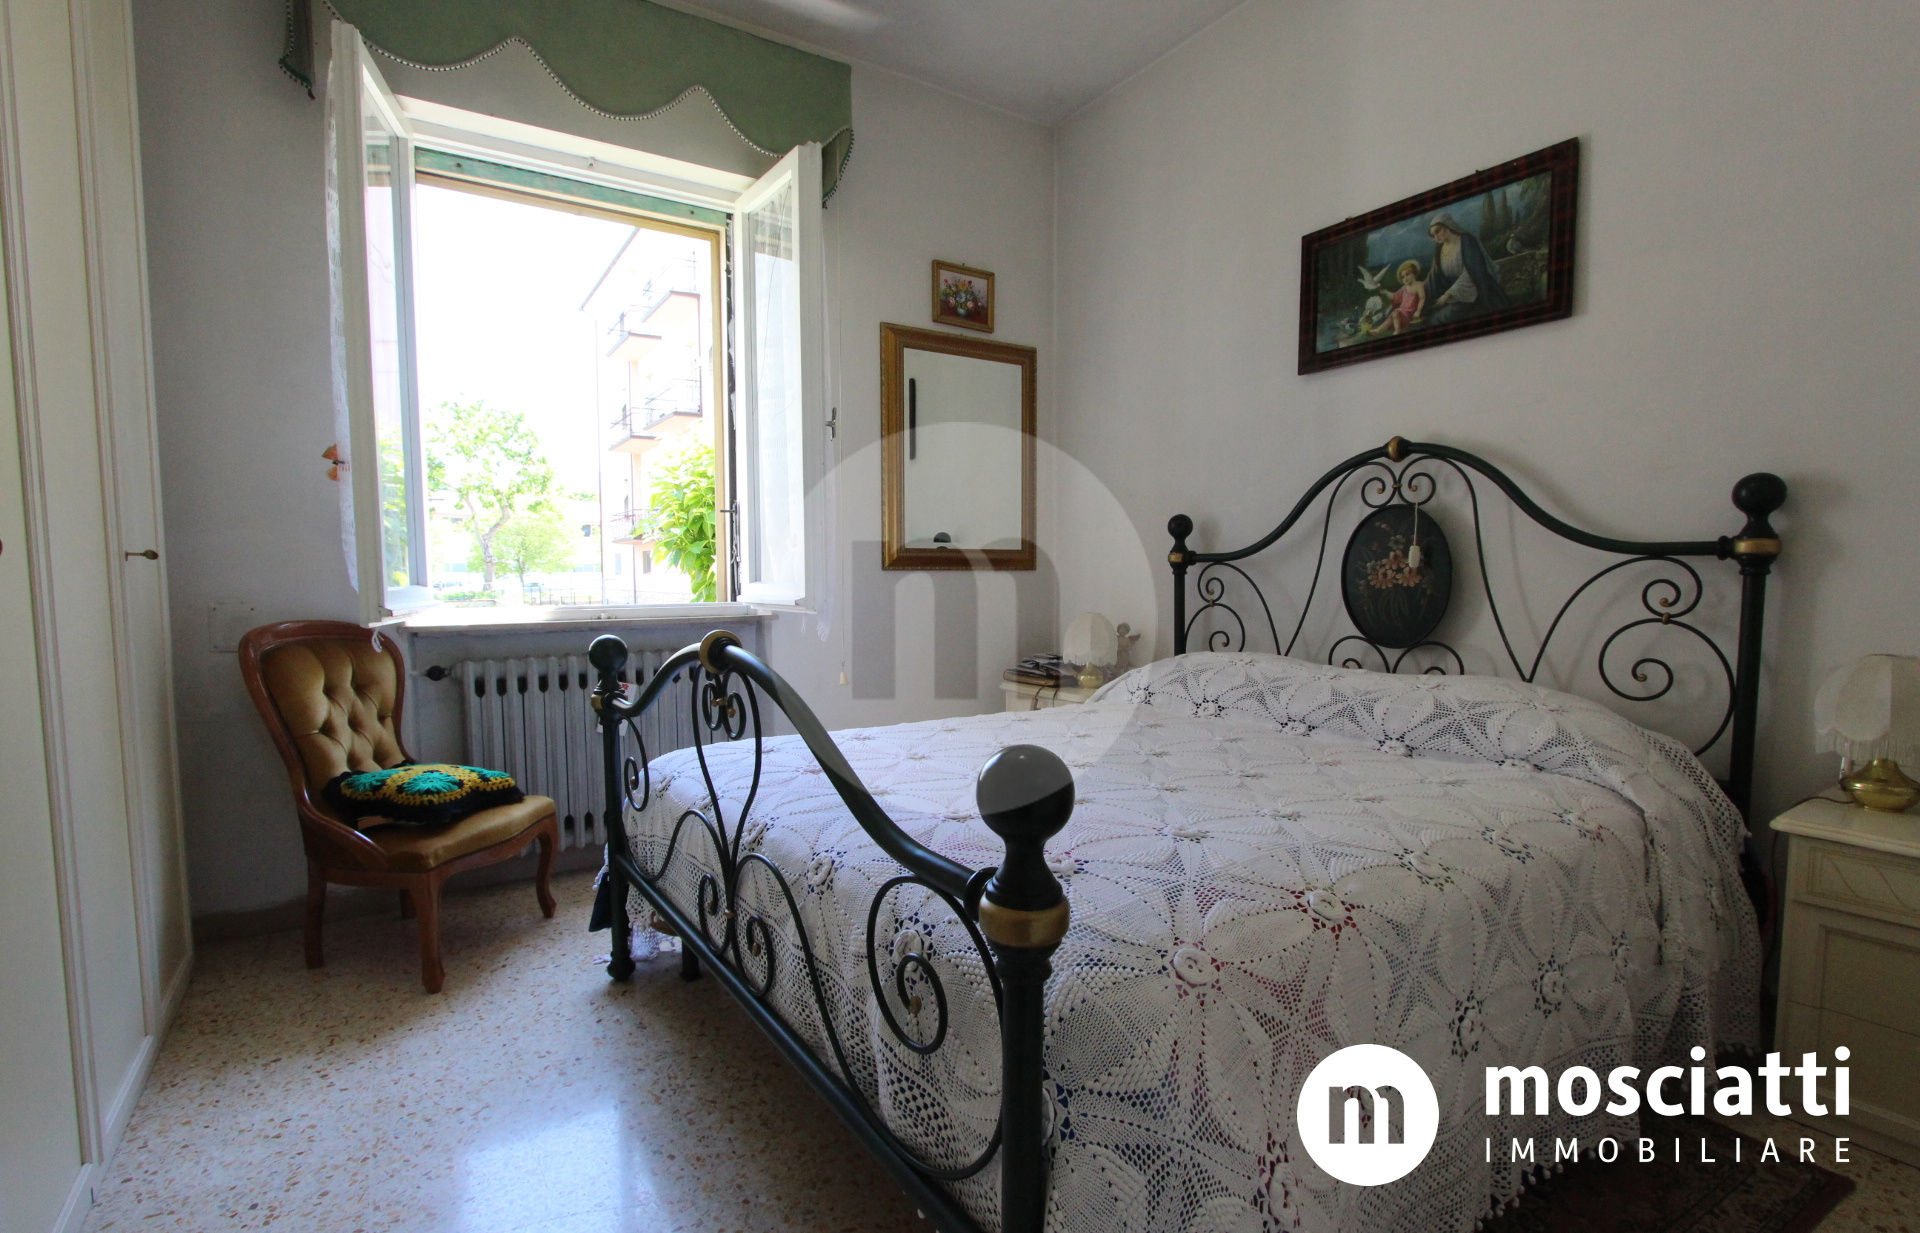 Matelica, Via F. Nuzi, vendesi appartamento con ingresso indipendente e giardino - 1